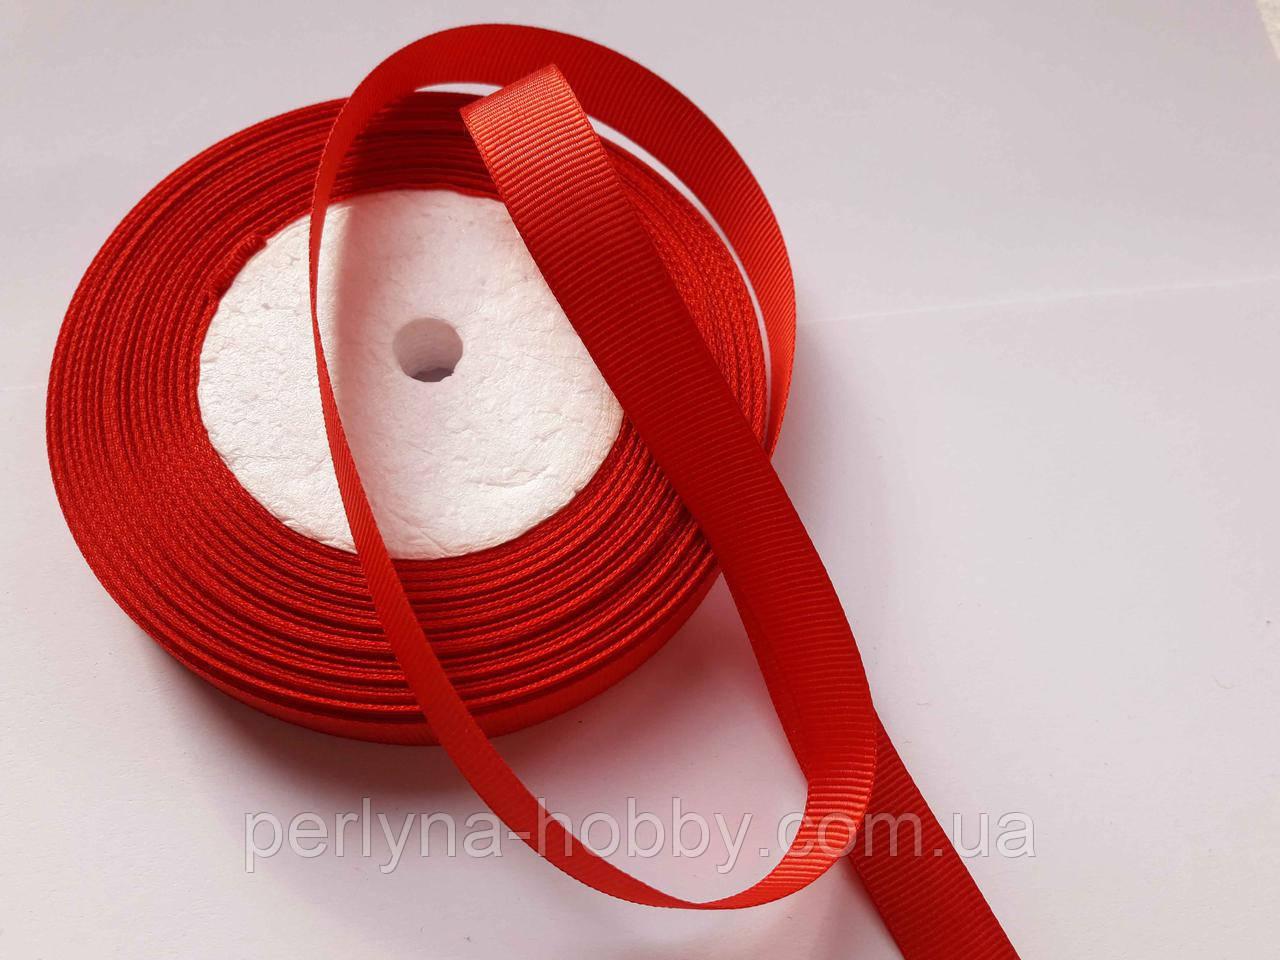 Стрічка репсова 13 мм червона, на метраж, ціна за 1 метр